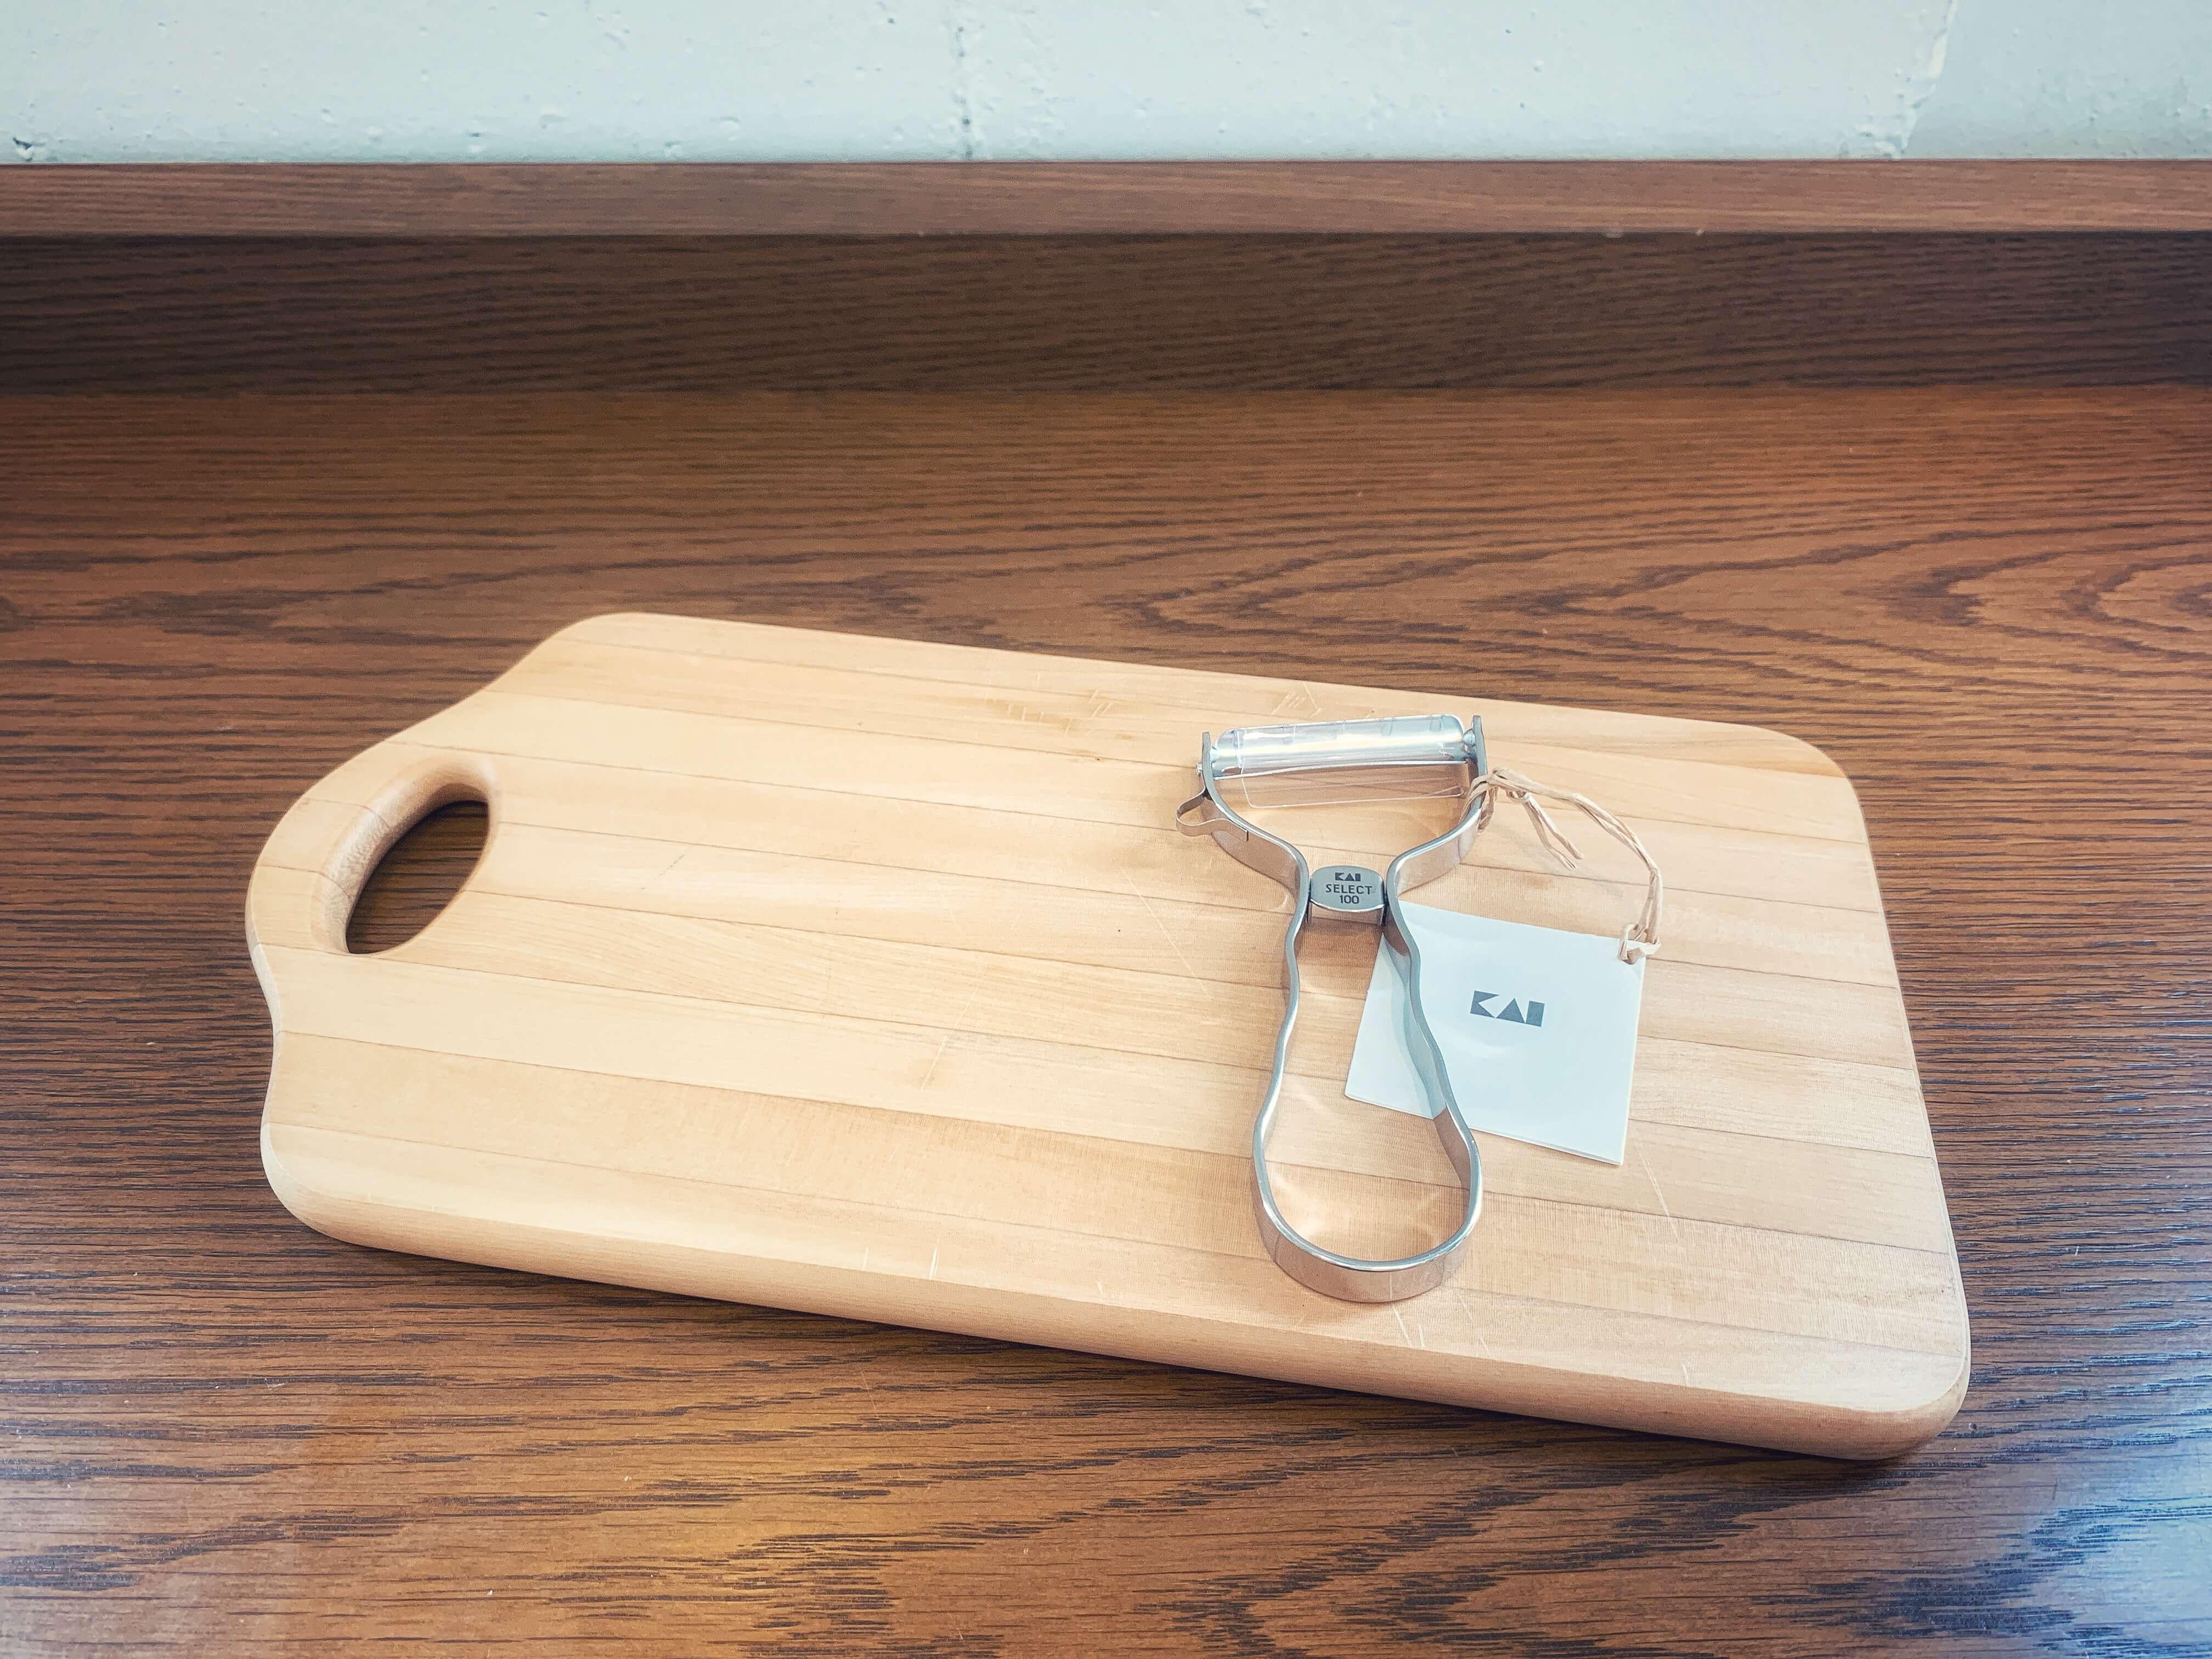 家事時短に役立つ!切れ味抜群「貝印」のおすすめピーラー8選